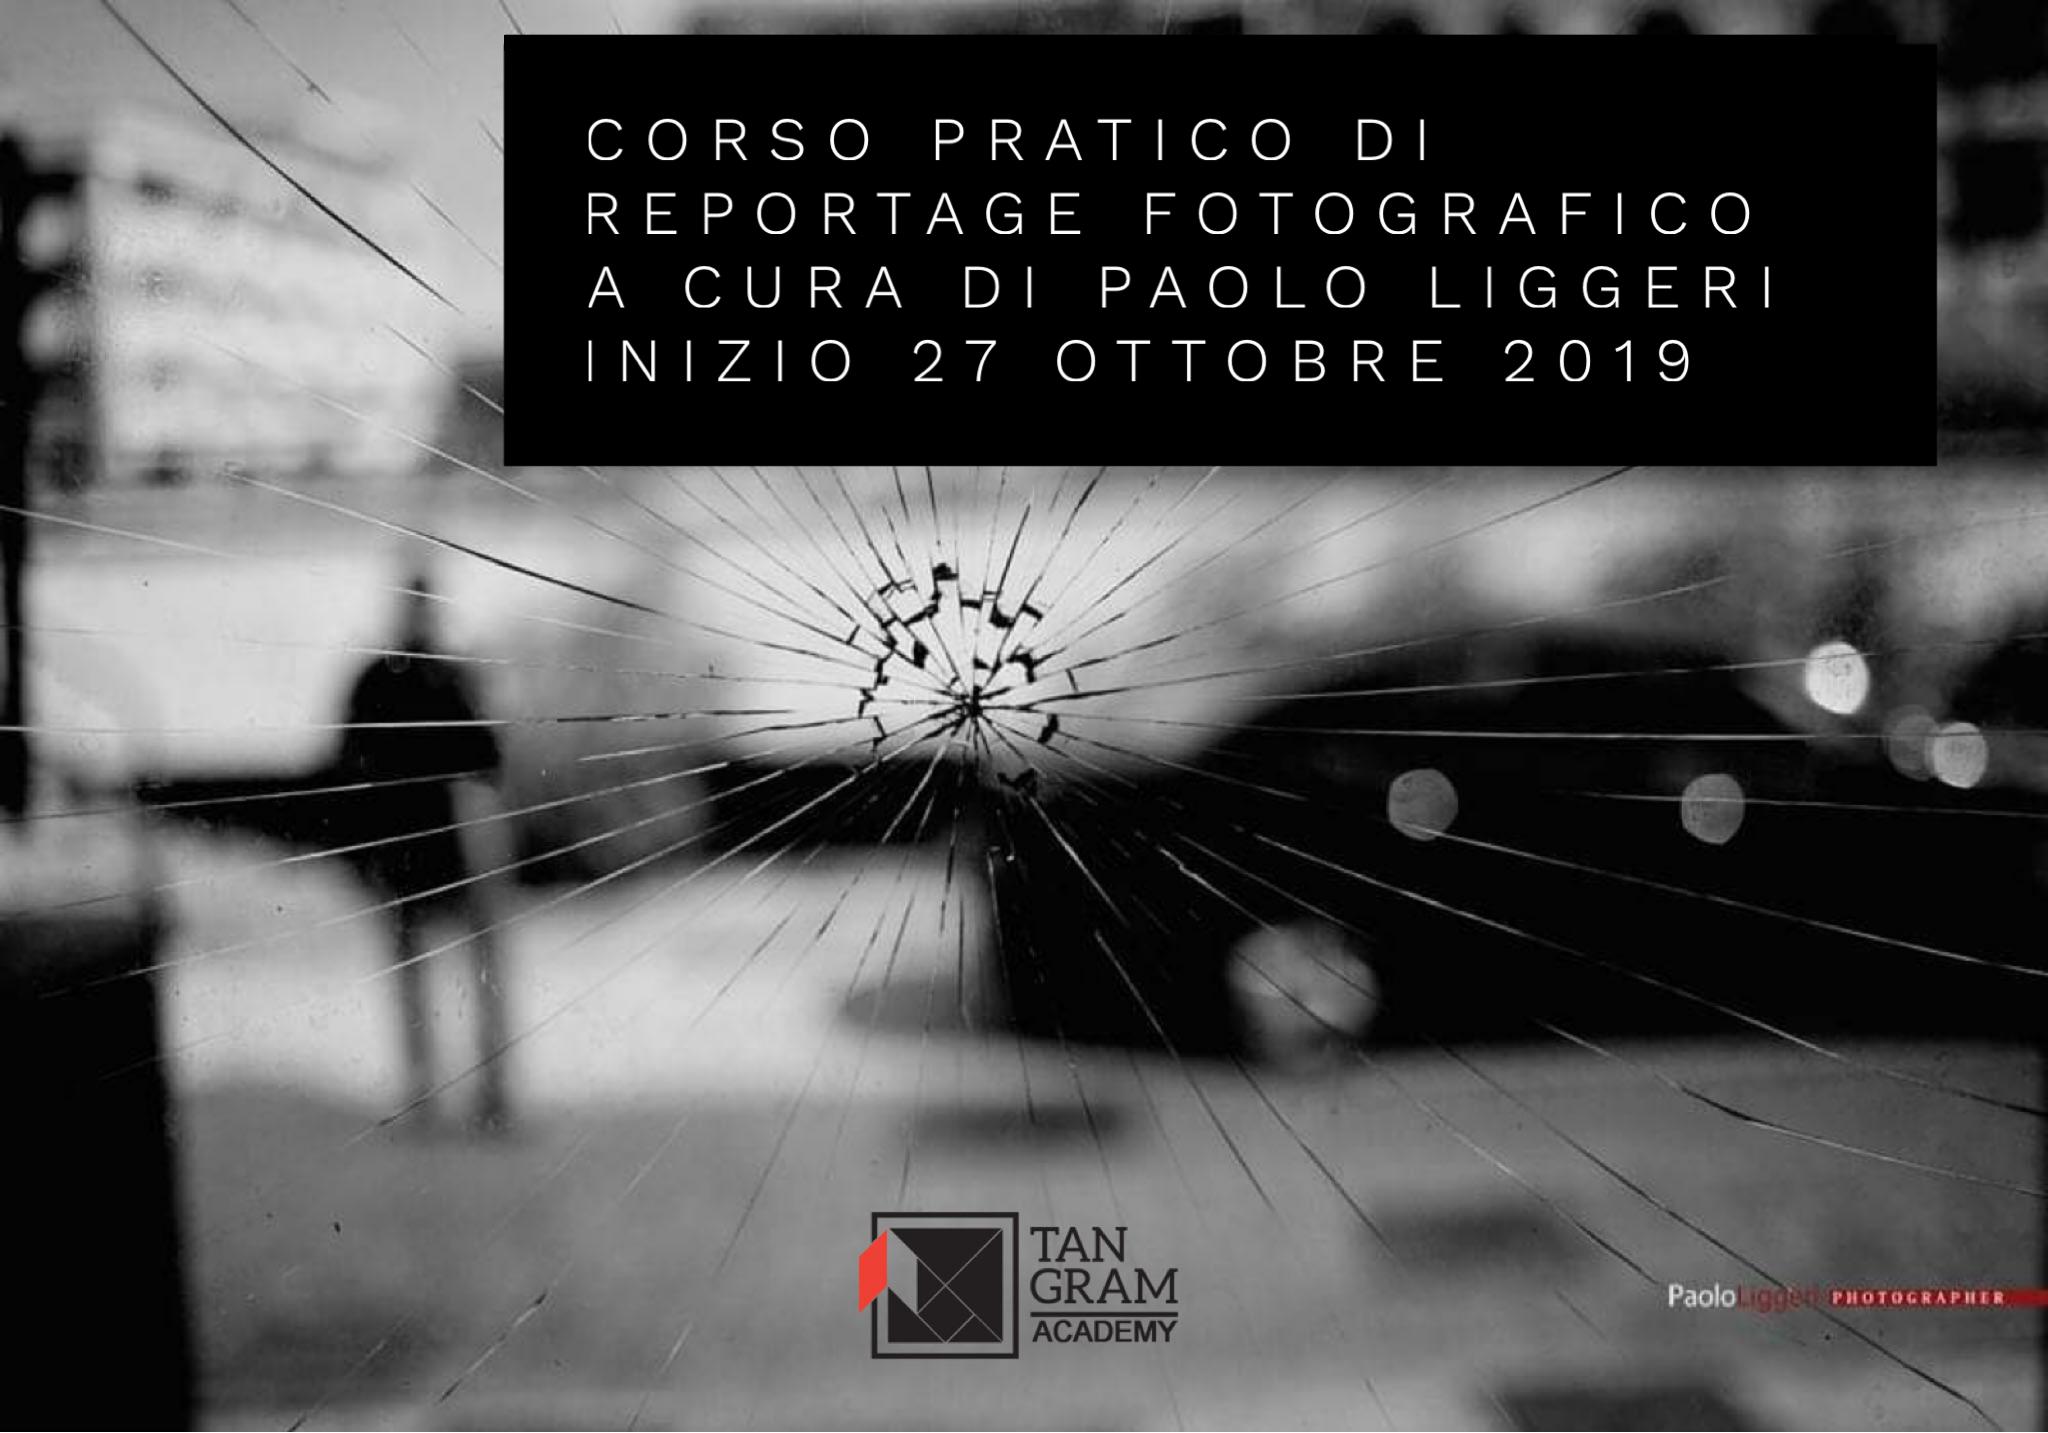 Corso pratico di fotografia di reportage | a cura di Paolo Liggeri